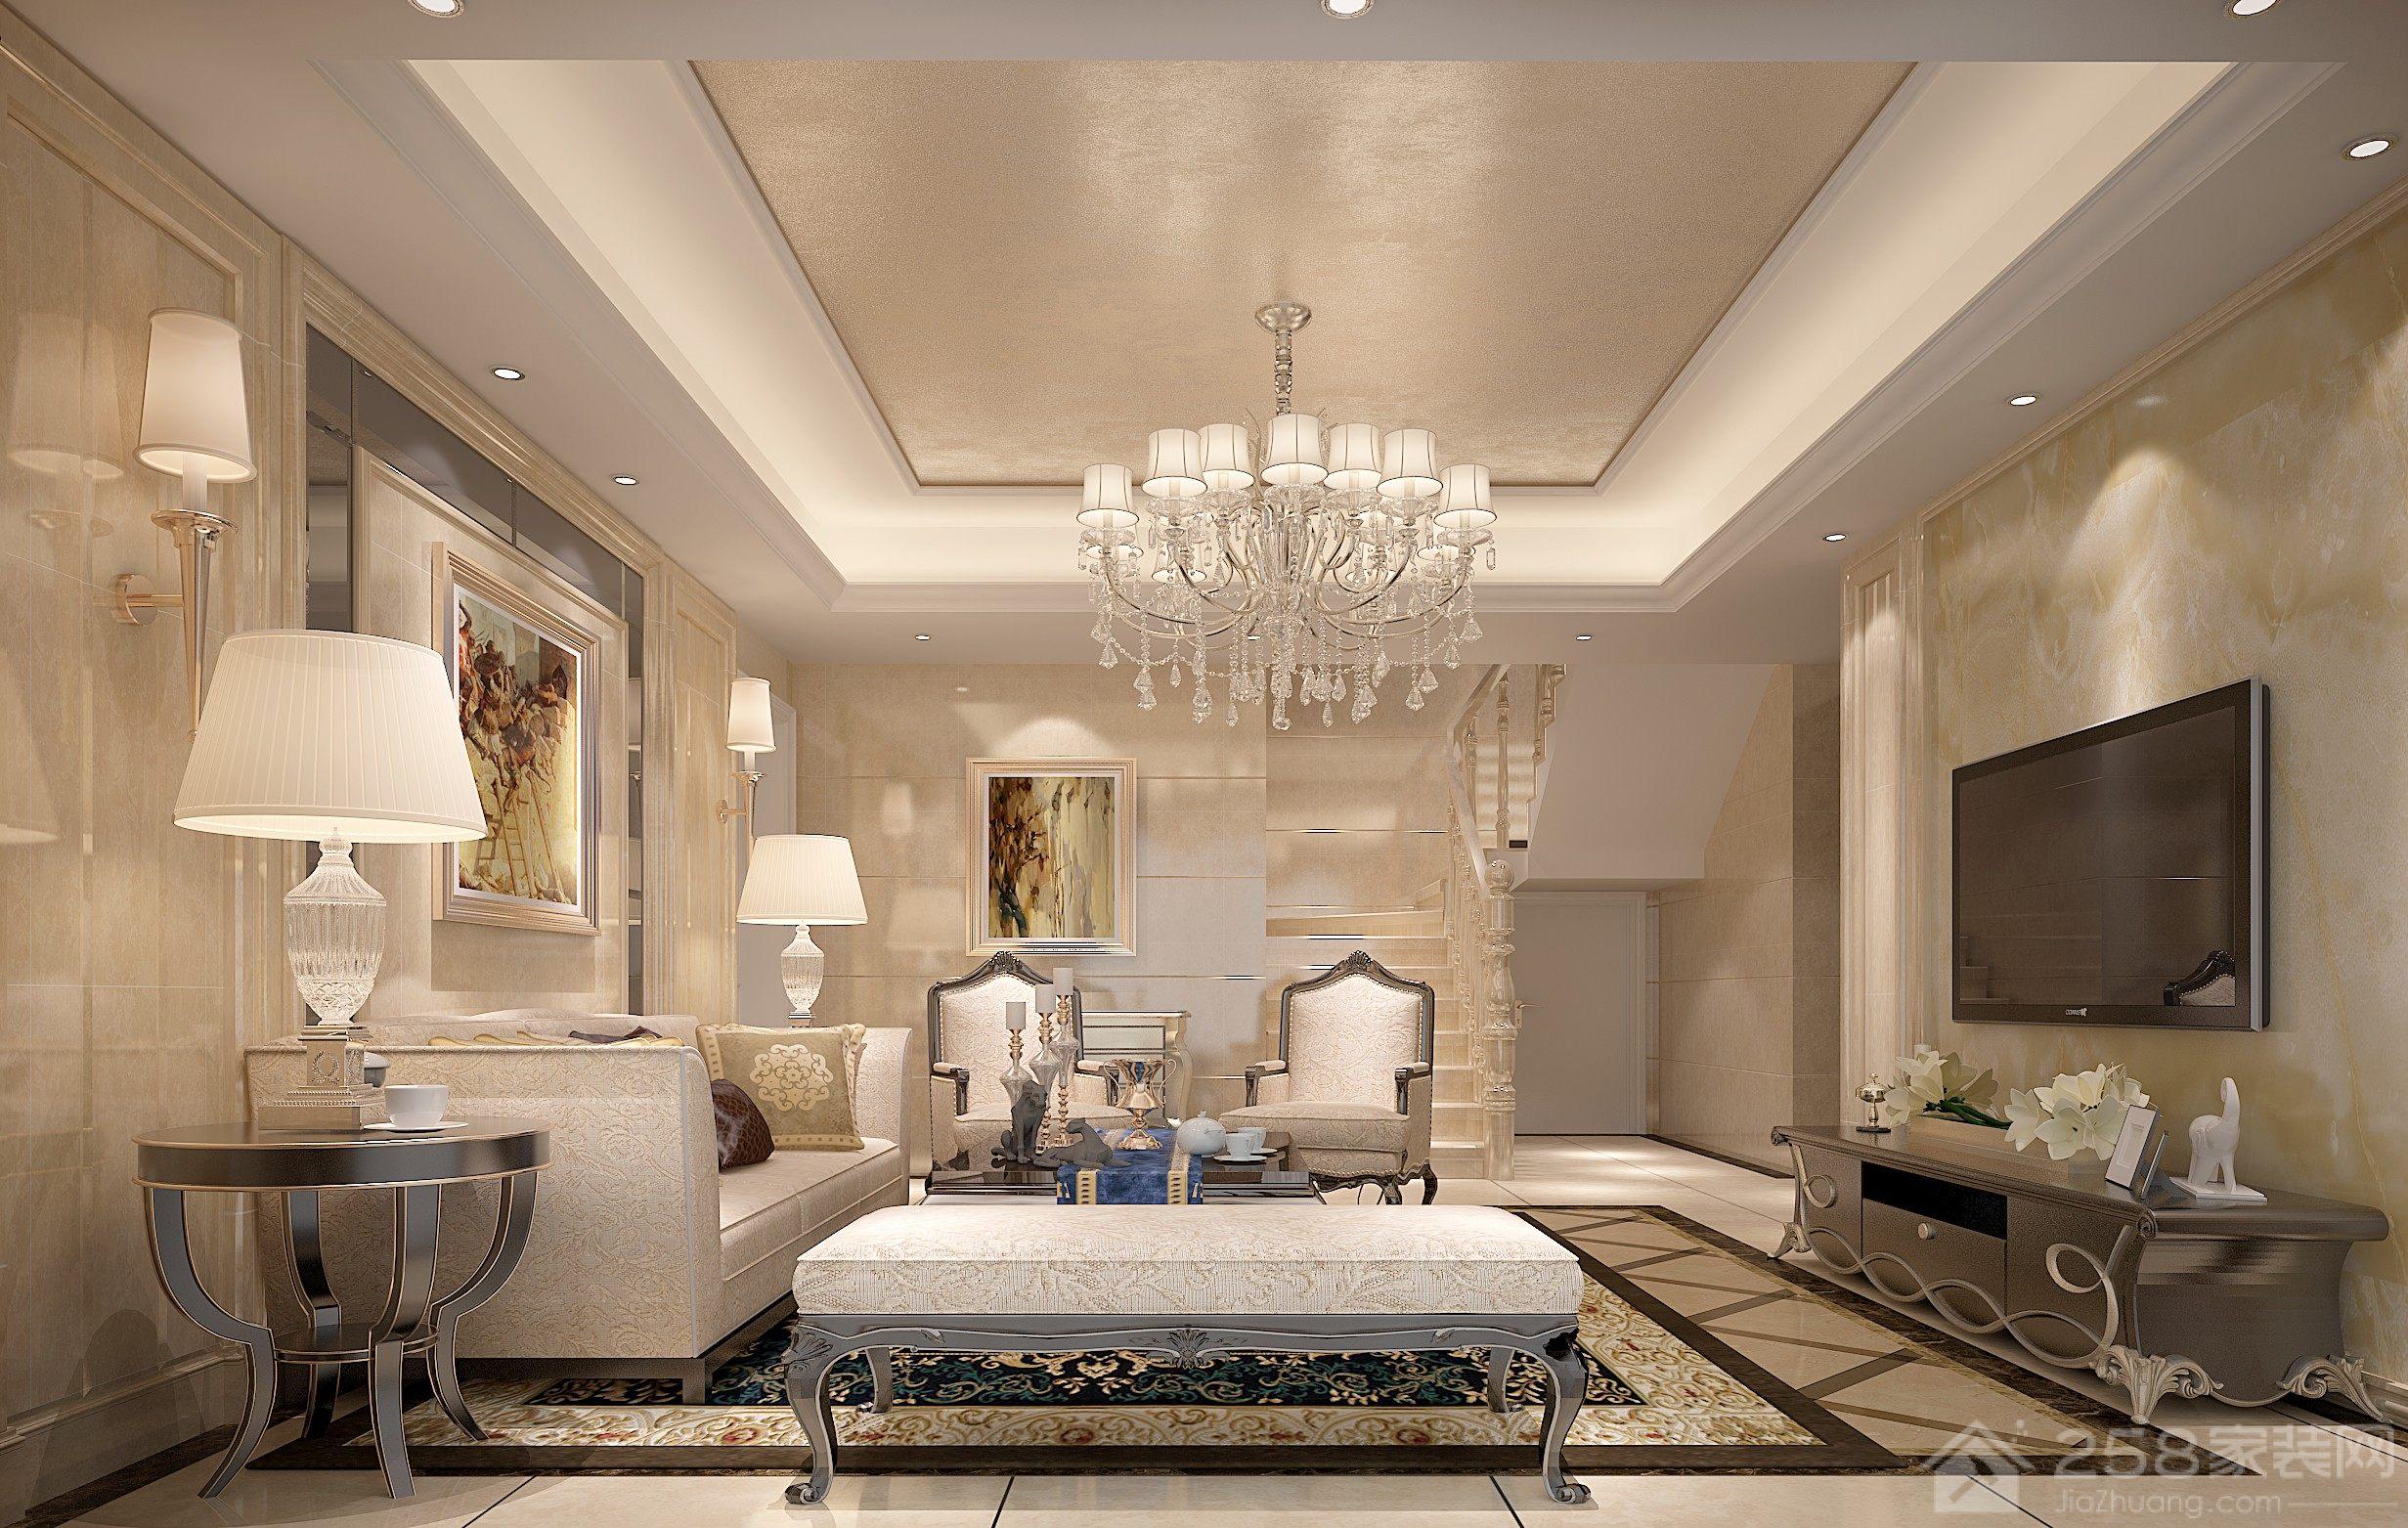 欧式风格客厅水晶吊顶图片